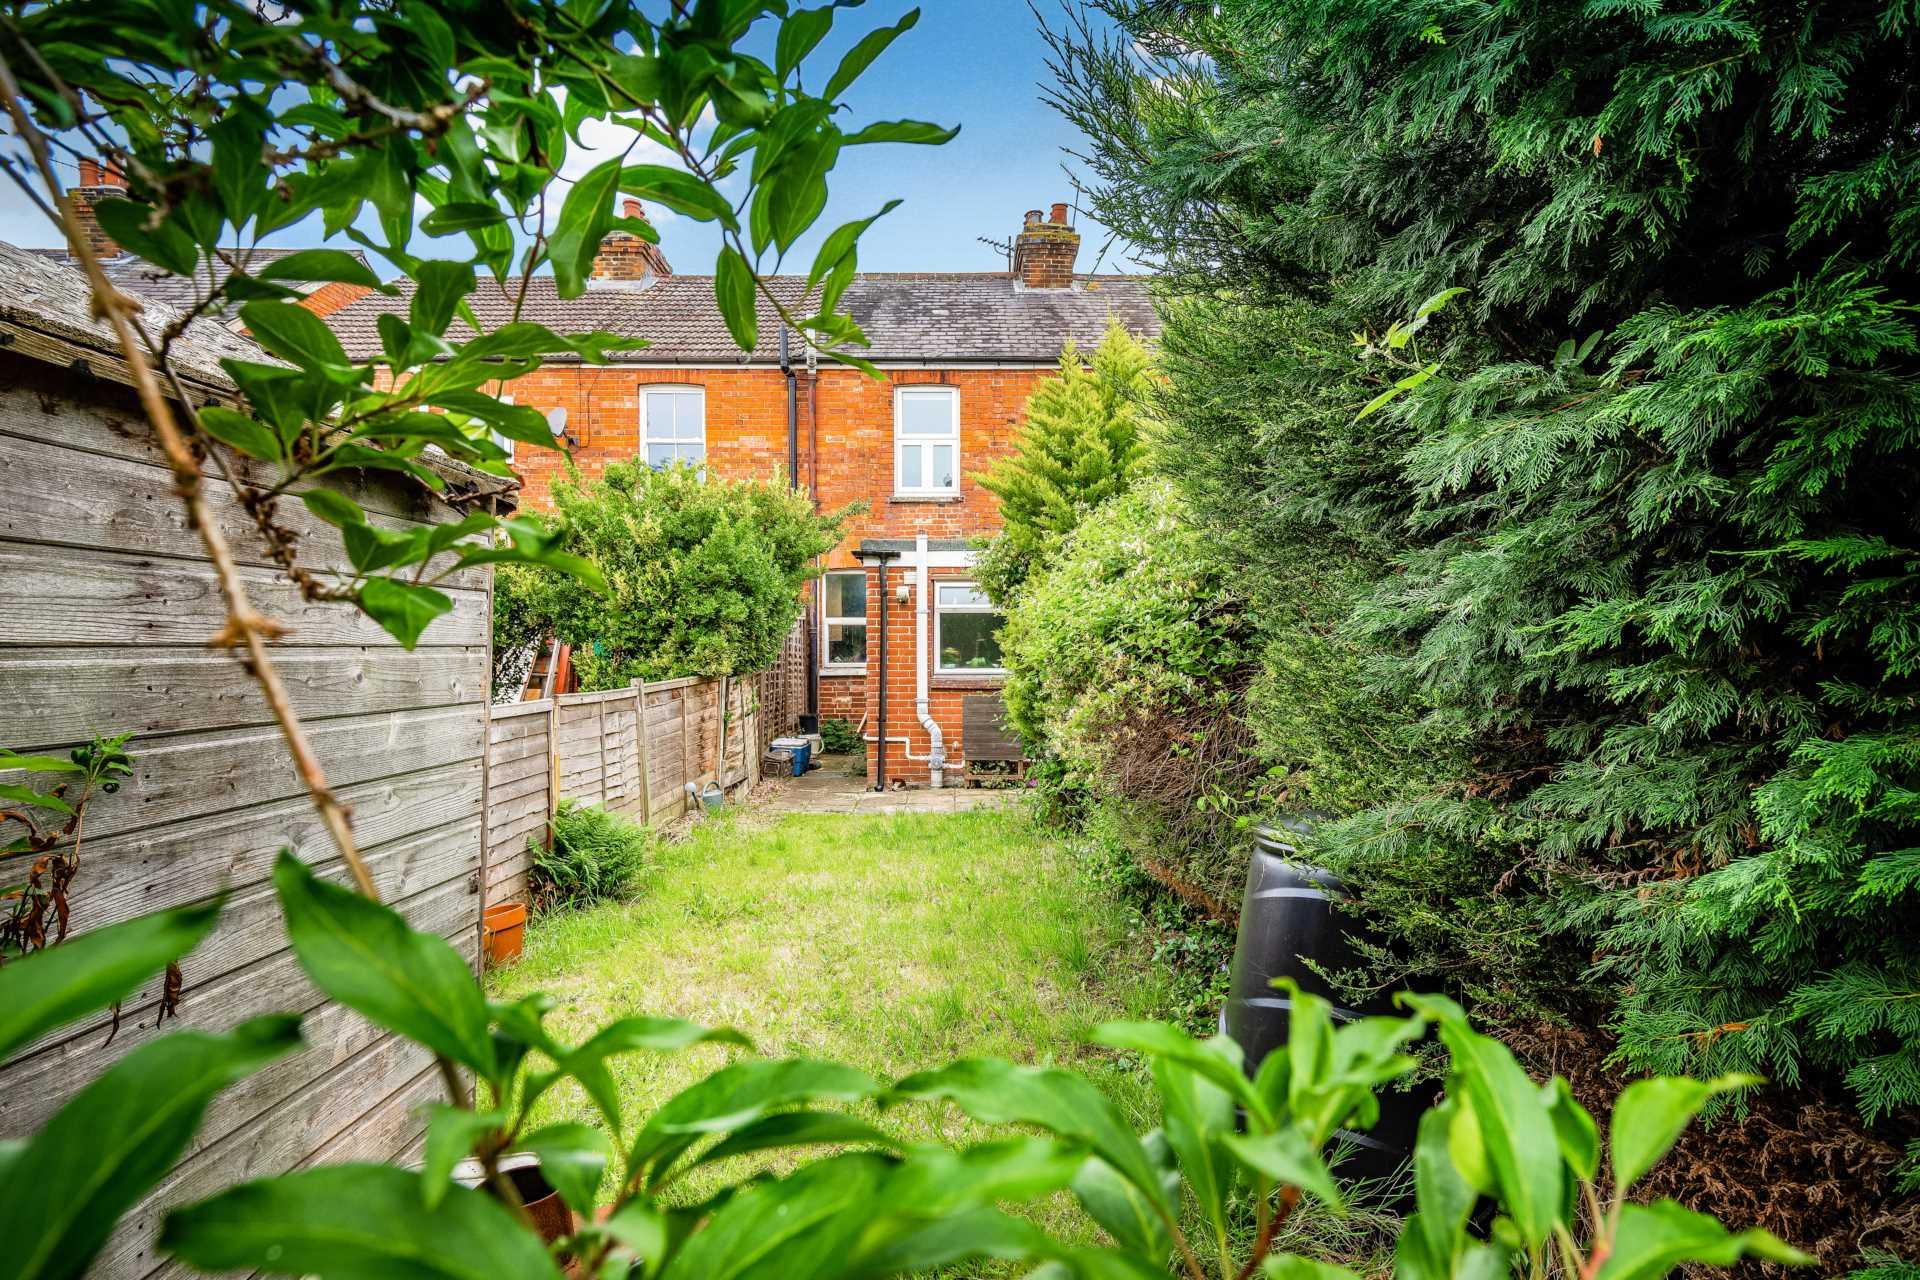 Sussex Road, Tonbridge, Image 4